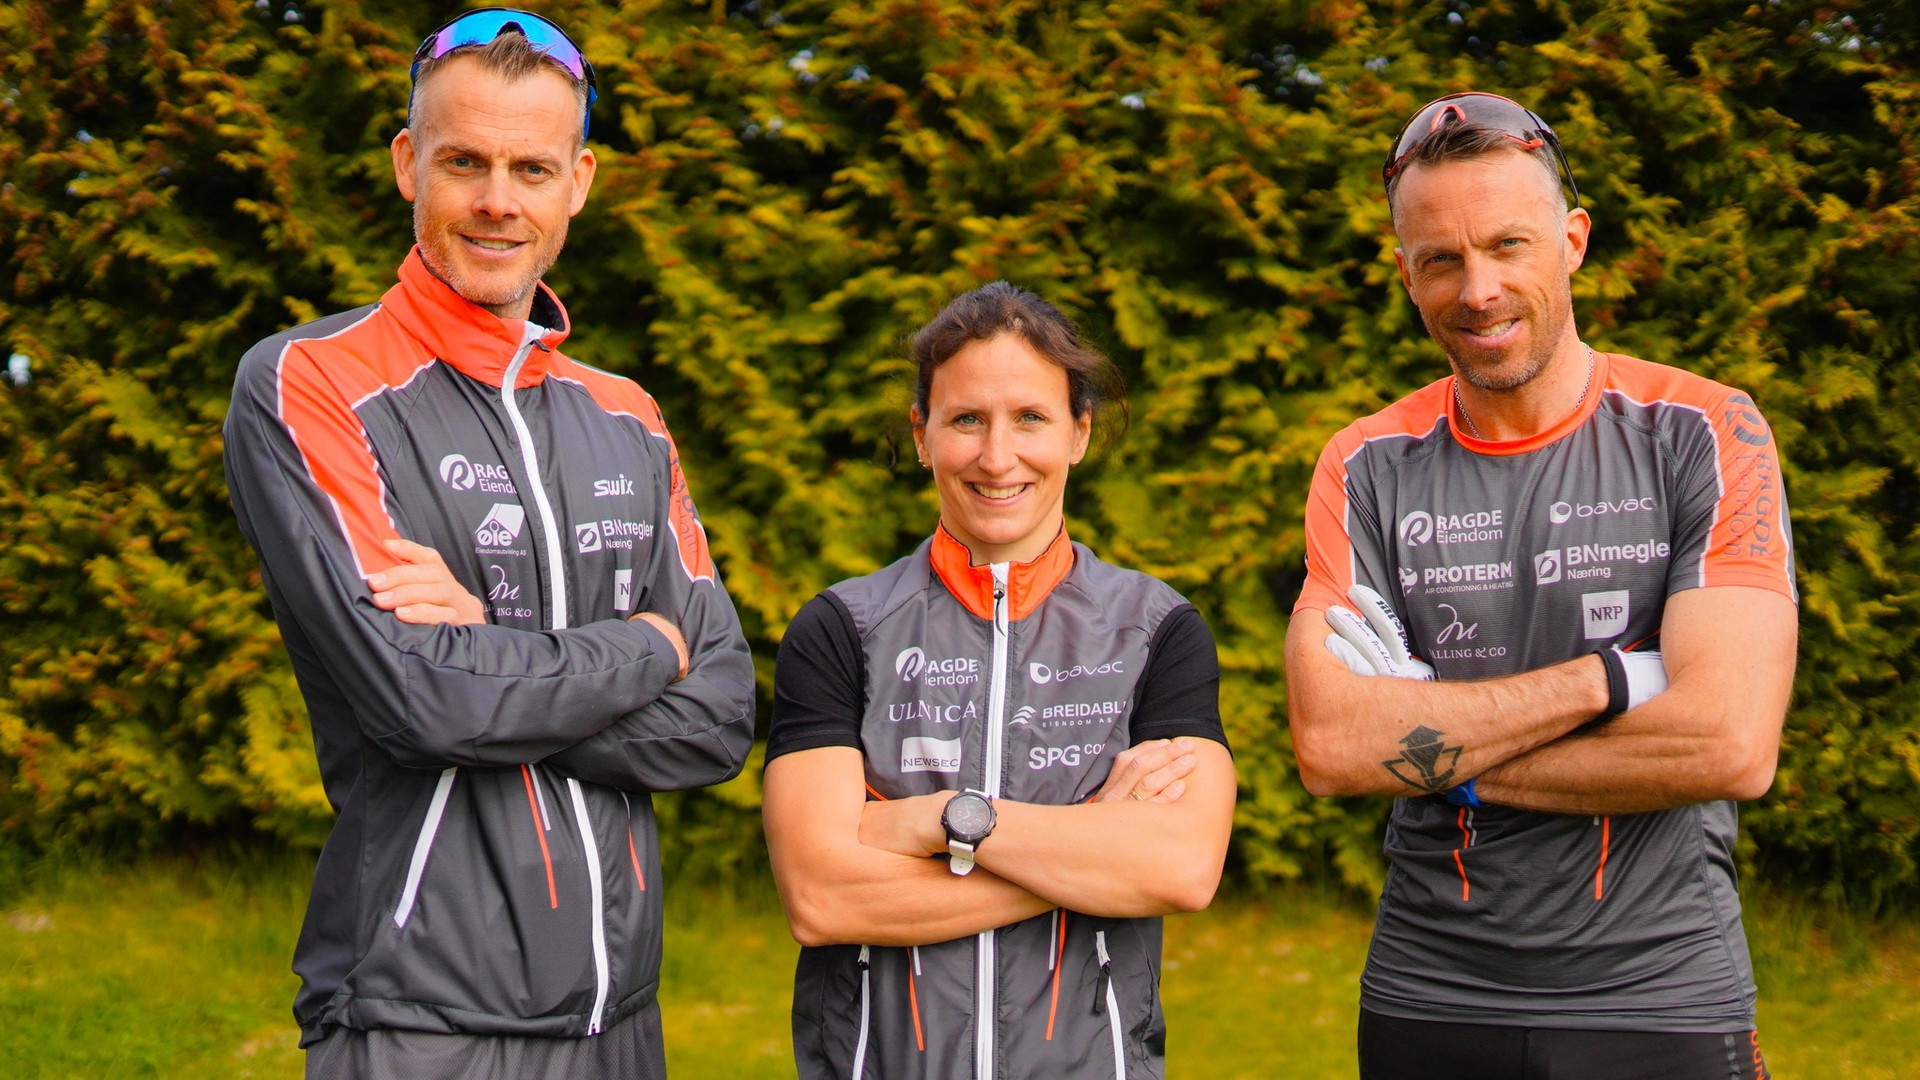 Marit Bjørgen has joined Team Ragde Eiendom ©Team Ragde Eiendom